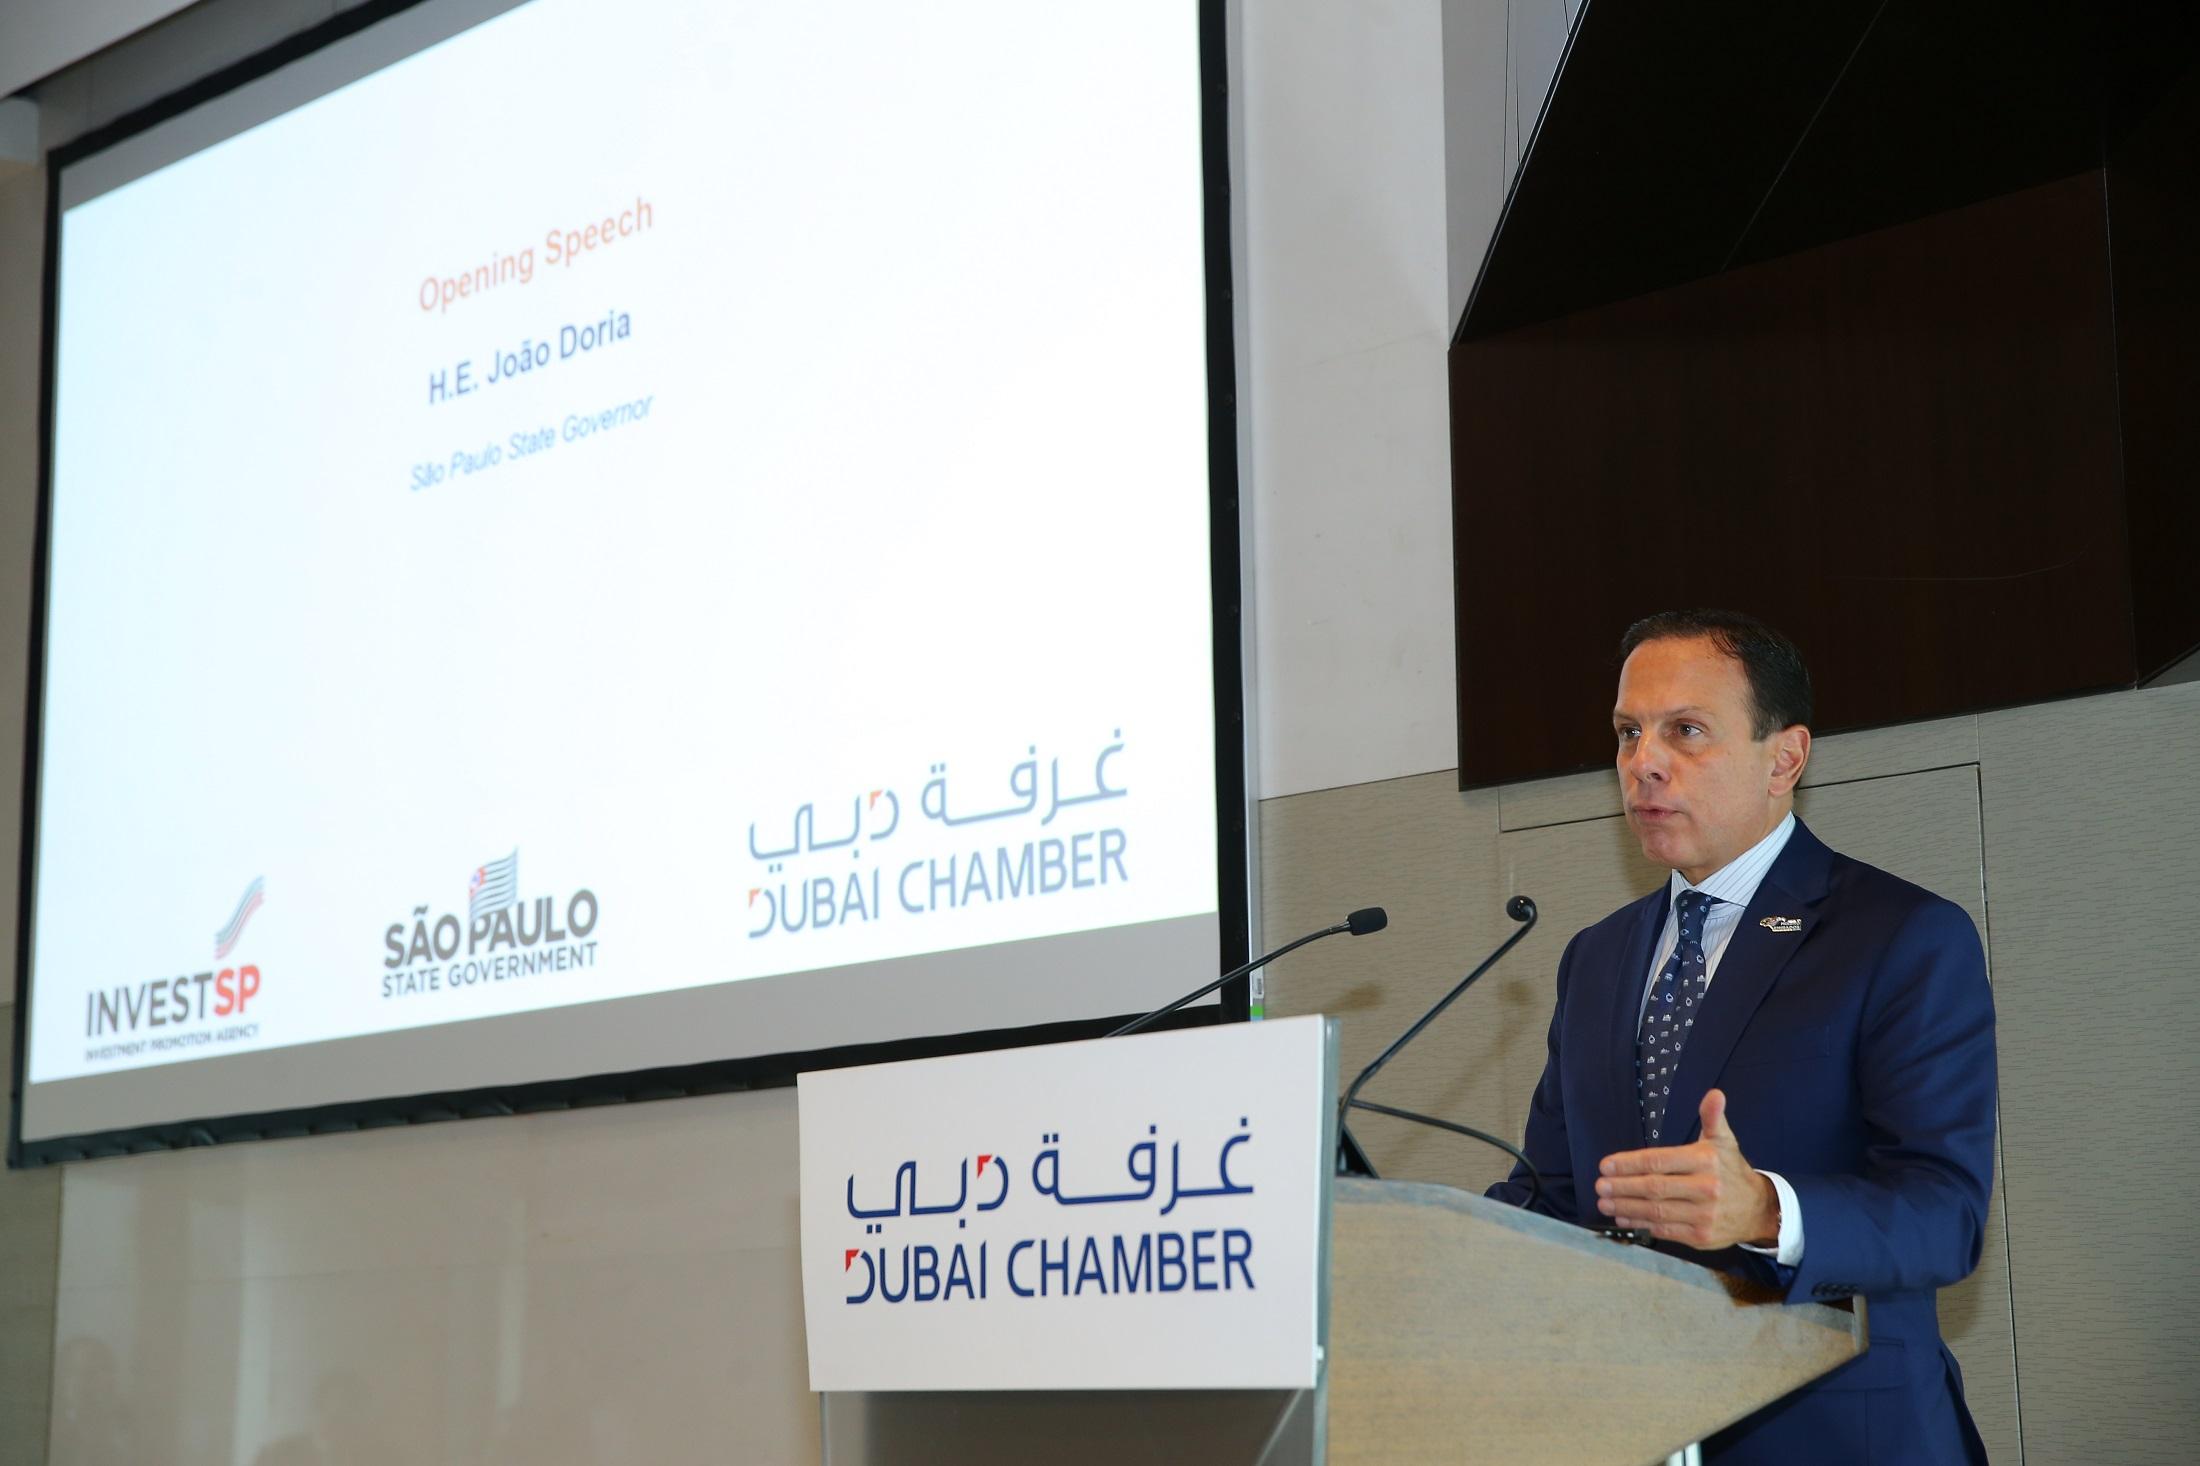 منتدى دبي ساوباولو للأعمال يؤكد ضرورة تفعيل التعاون في القطاعات الواعدة